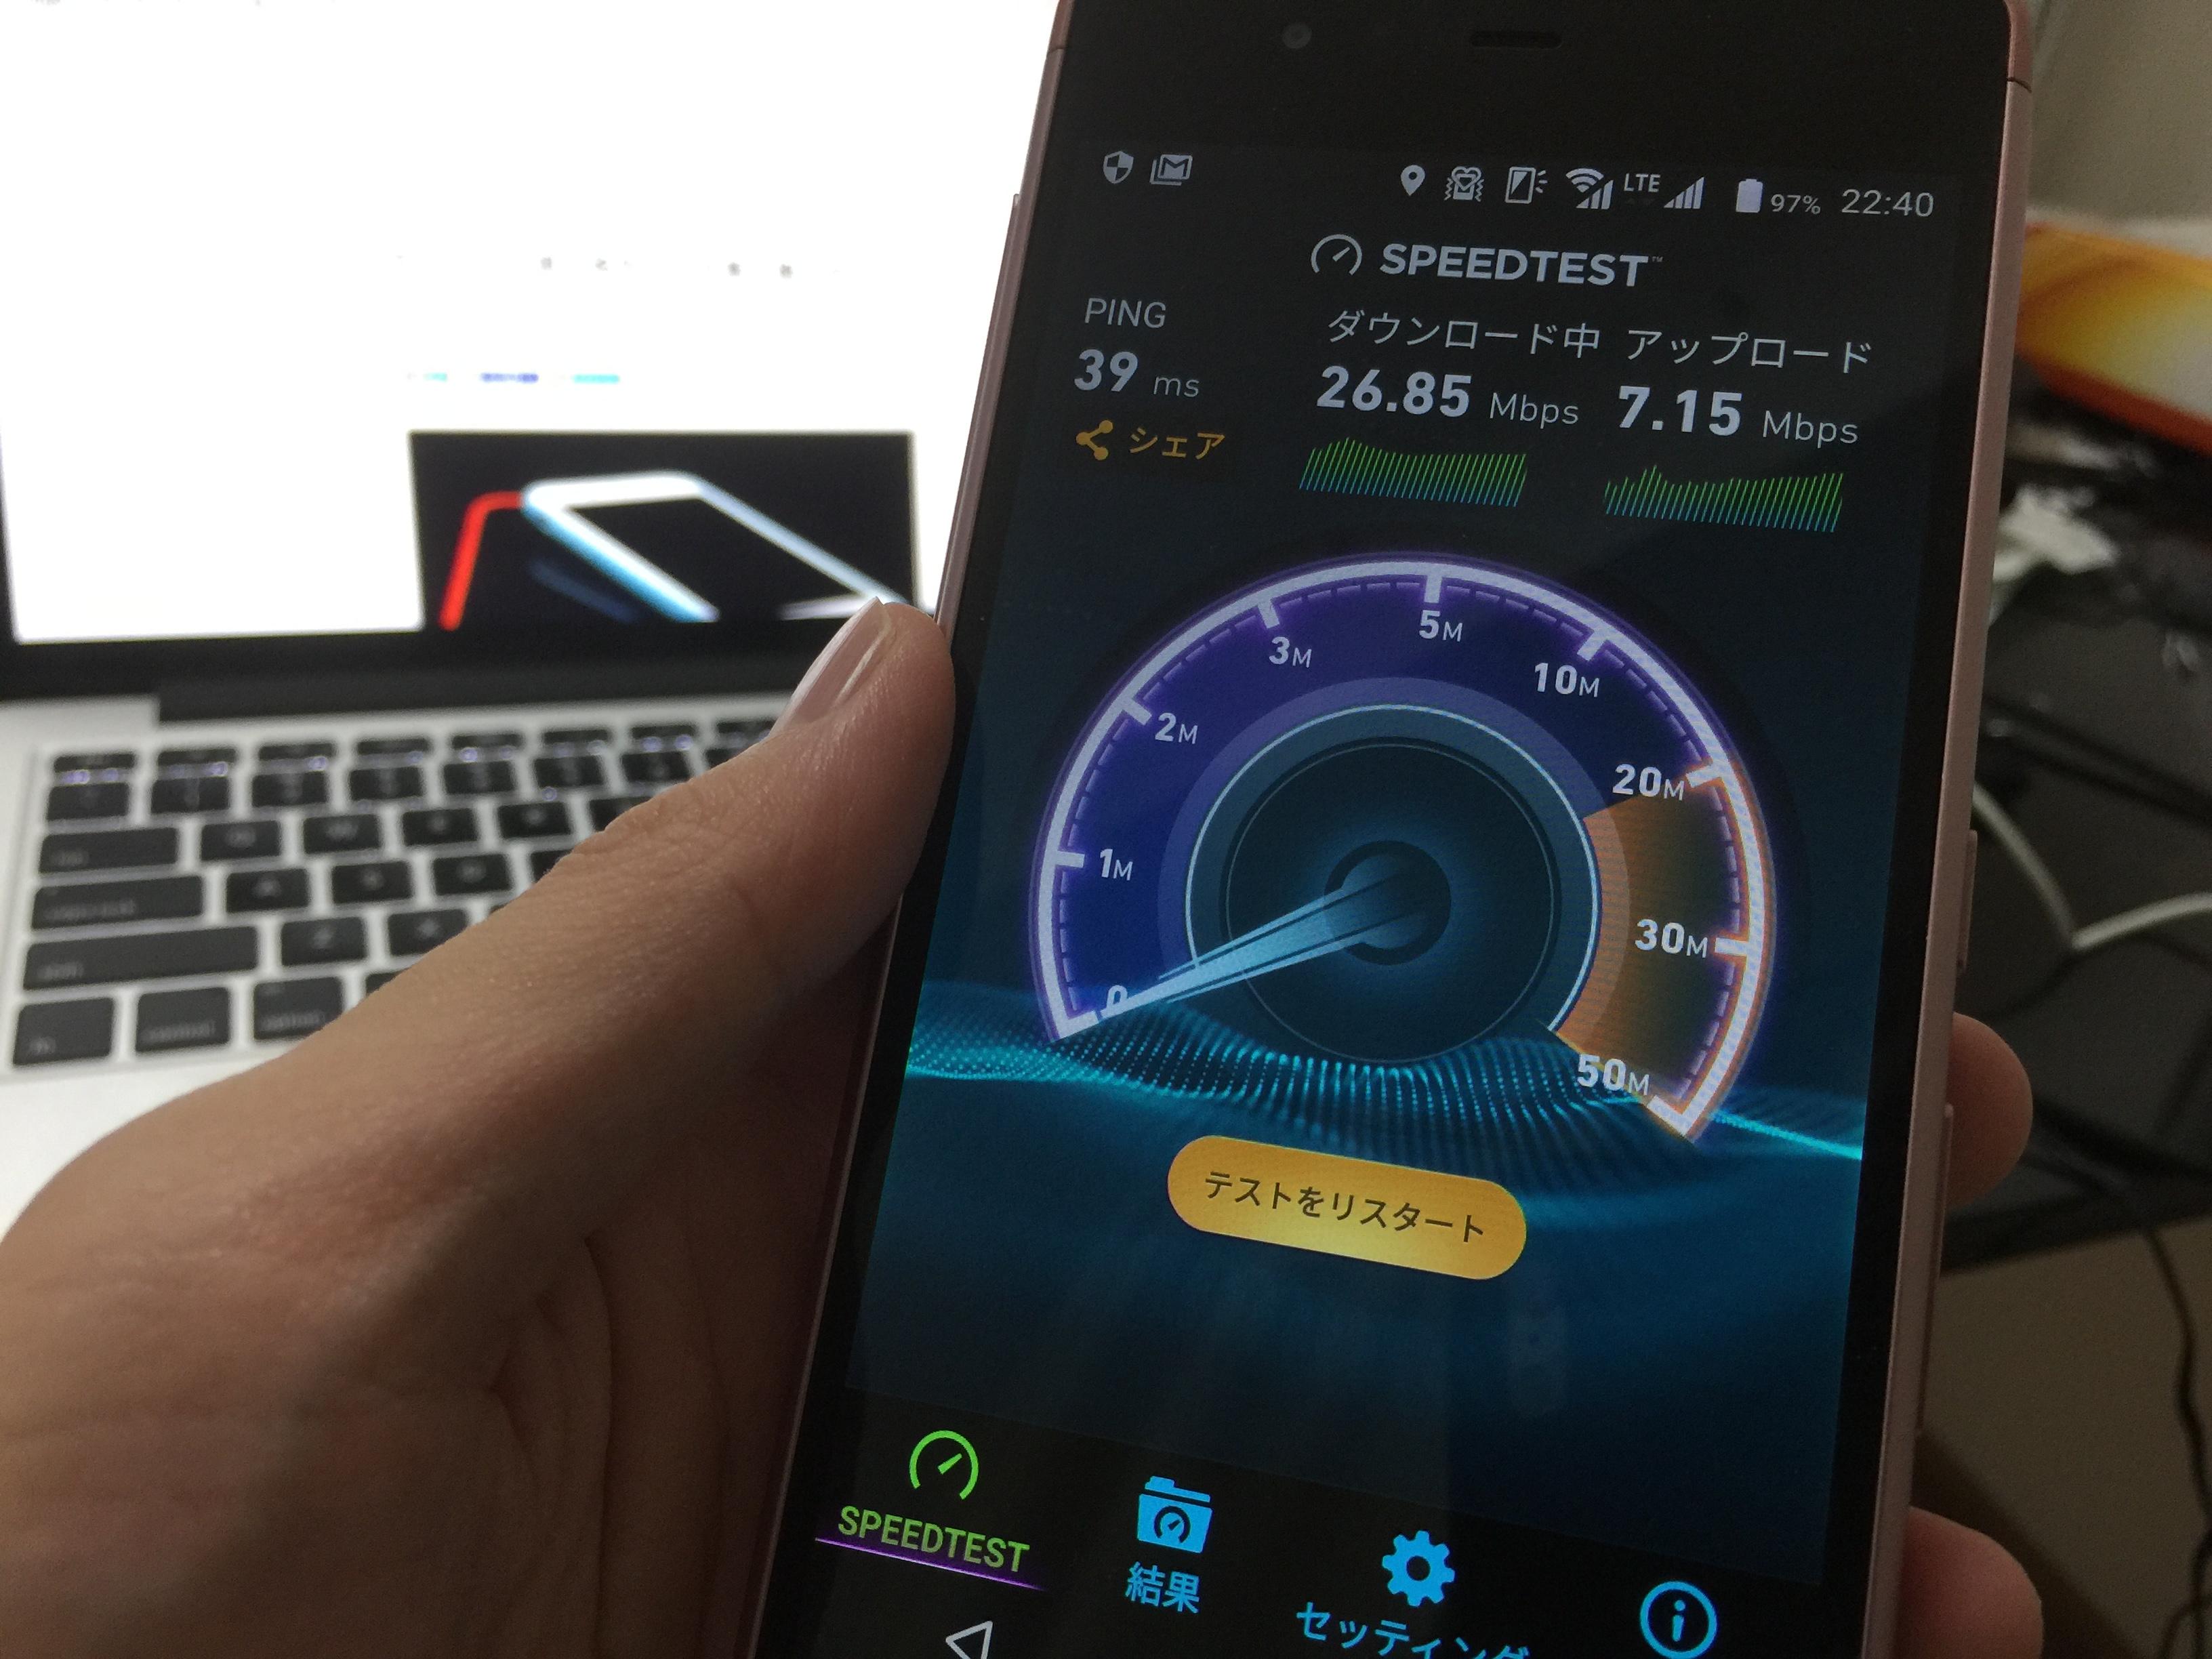 mineoDプランの通信速度3